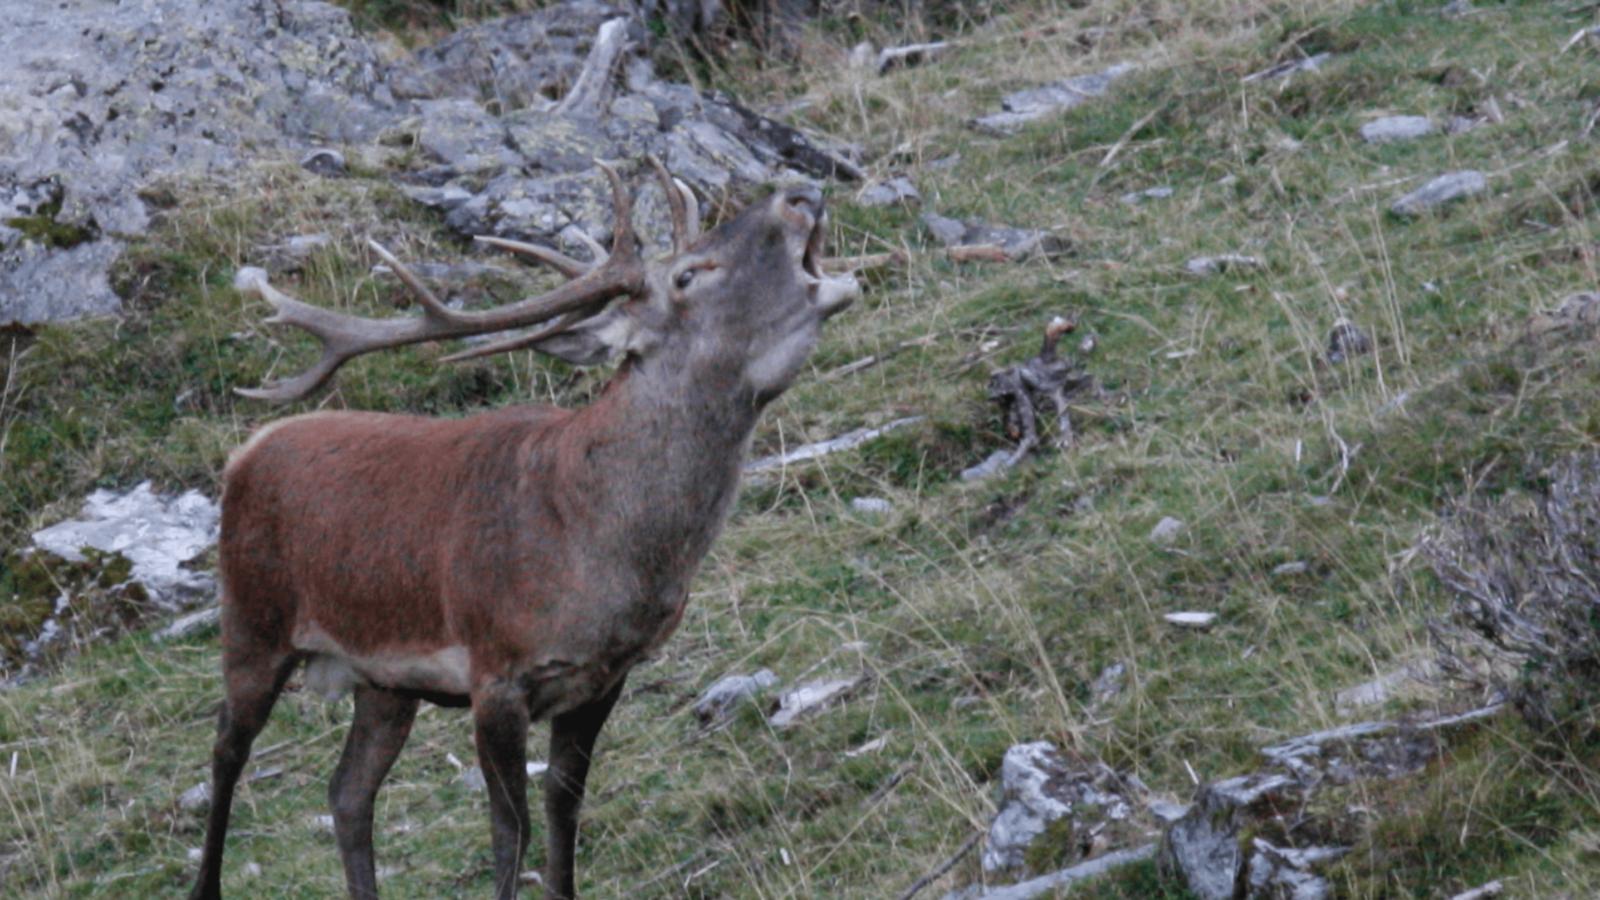 Chasse et randonnée en Valais: que faut-il savoir ?